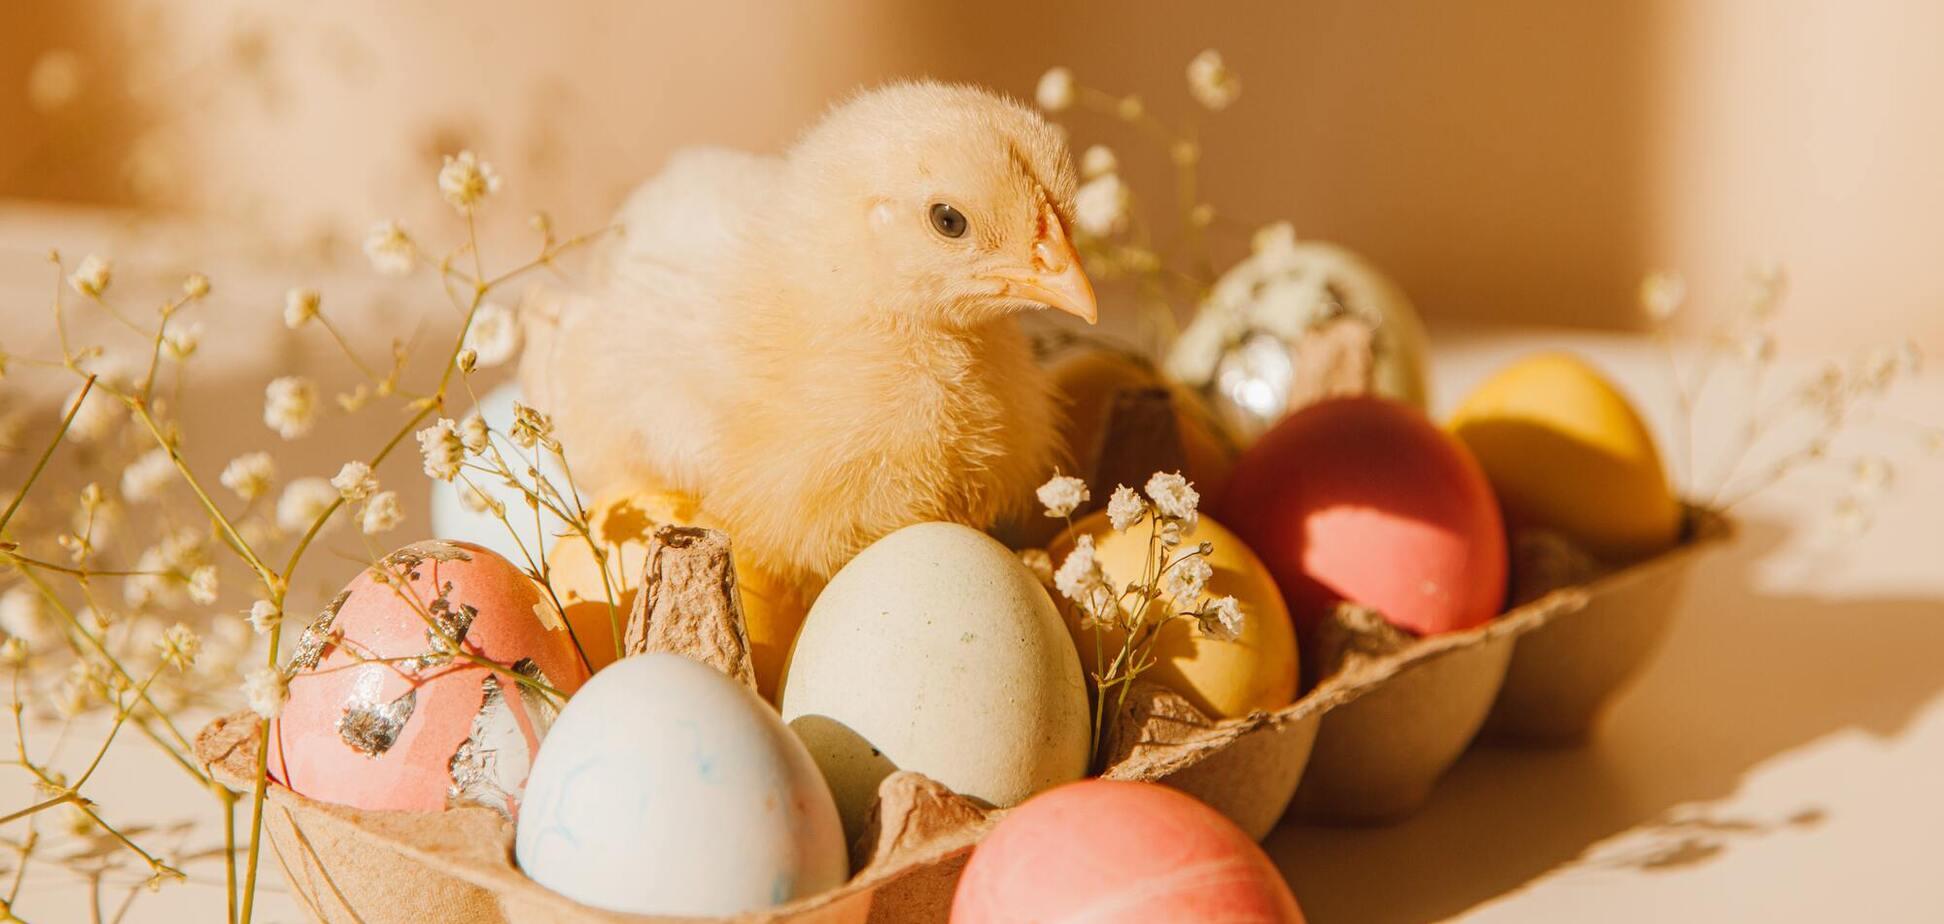 2 мая: праздники, что нельзя делать на Пасху, приметы и именинники